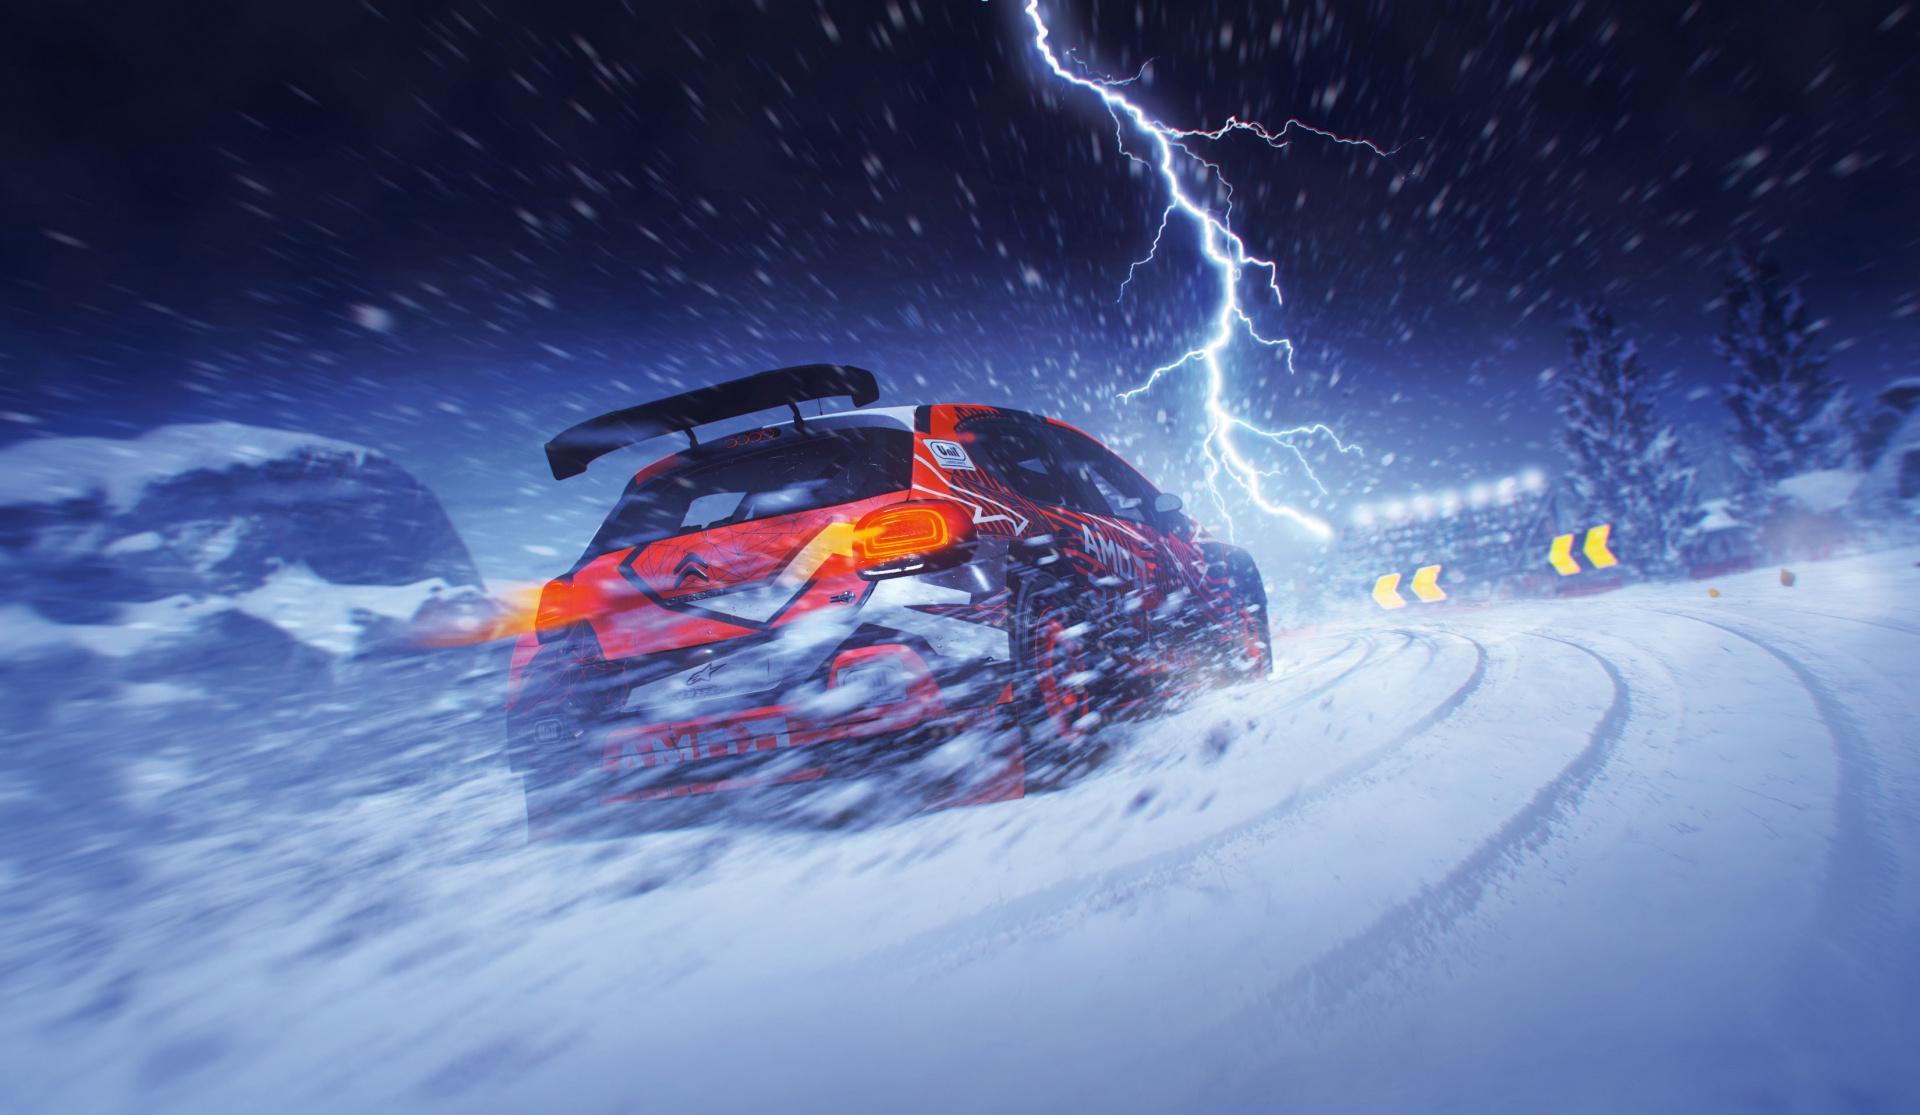 Ночная гонка в Нью-Йорке в новом геймплейном ролике DIRT5